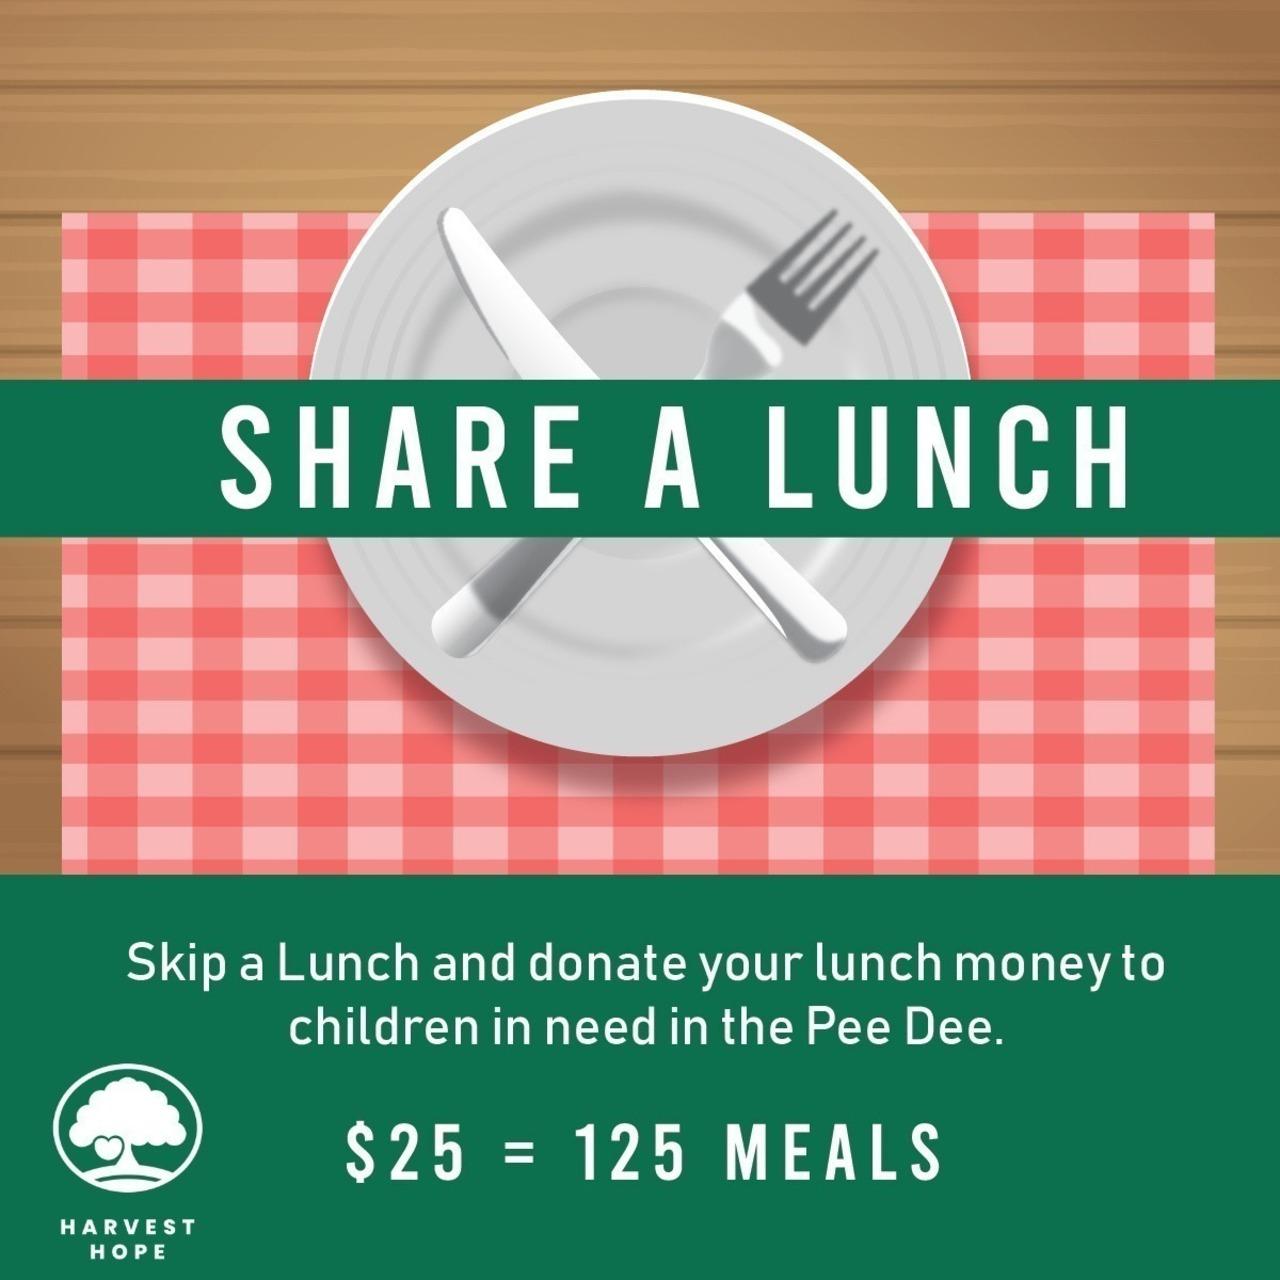 Lauren Vause's Share a Lunch Fundraiser for Harvest Hope